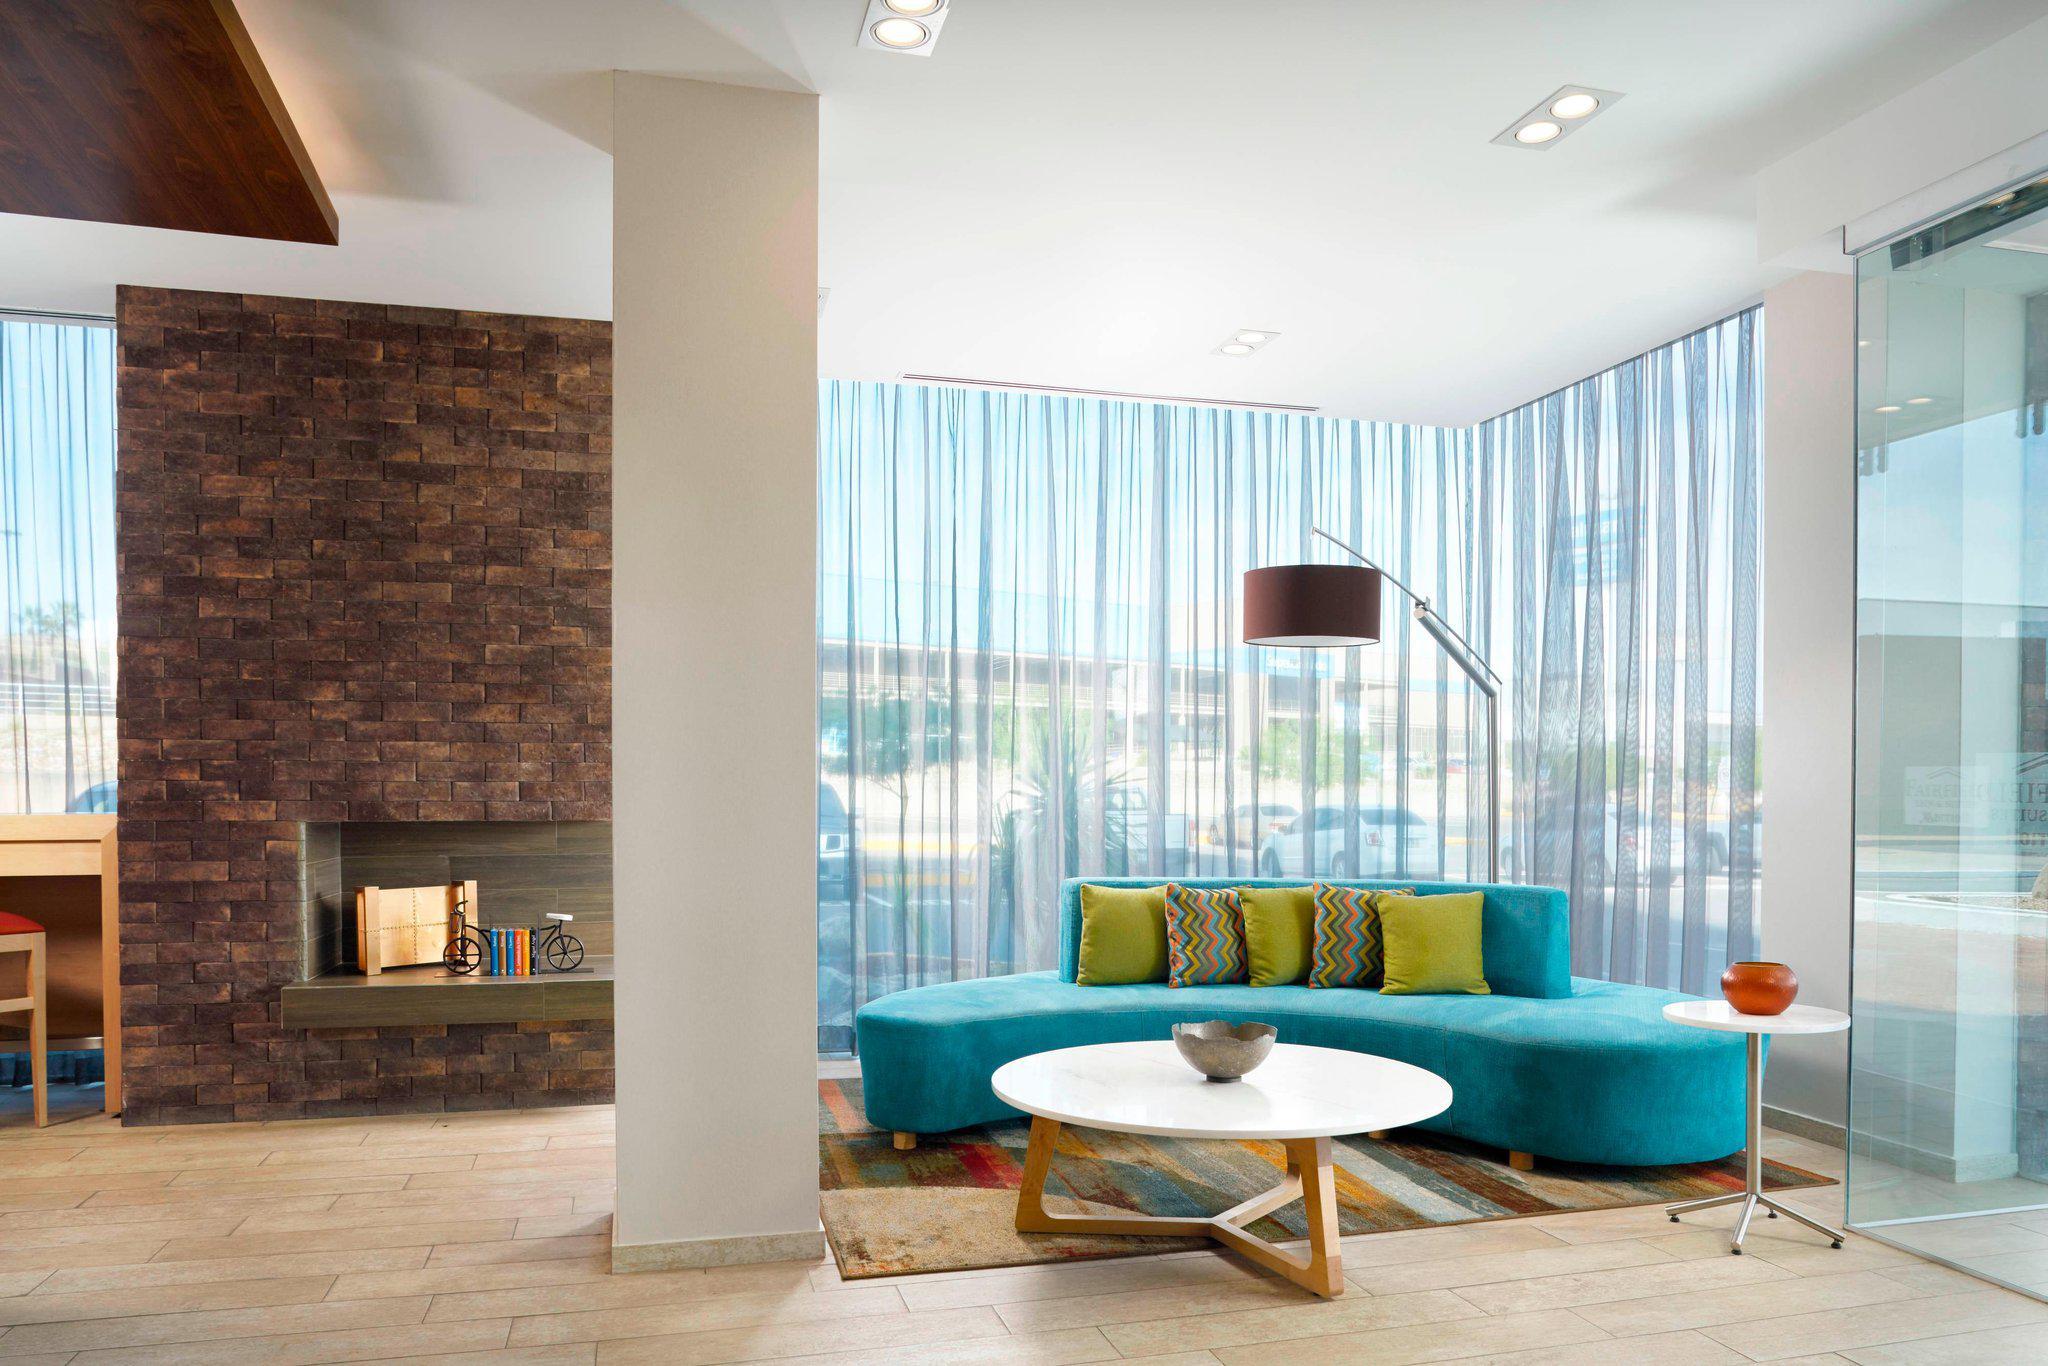 Fairfield Inn & Suites by Marriott Nogales